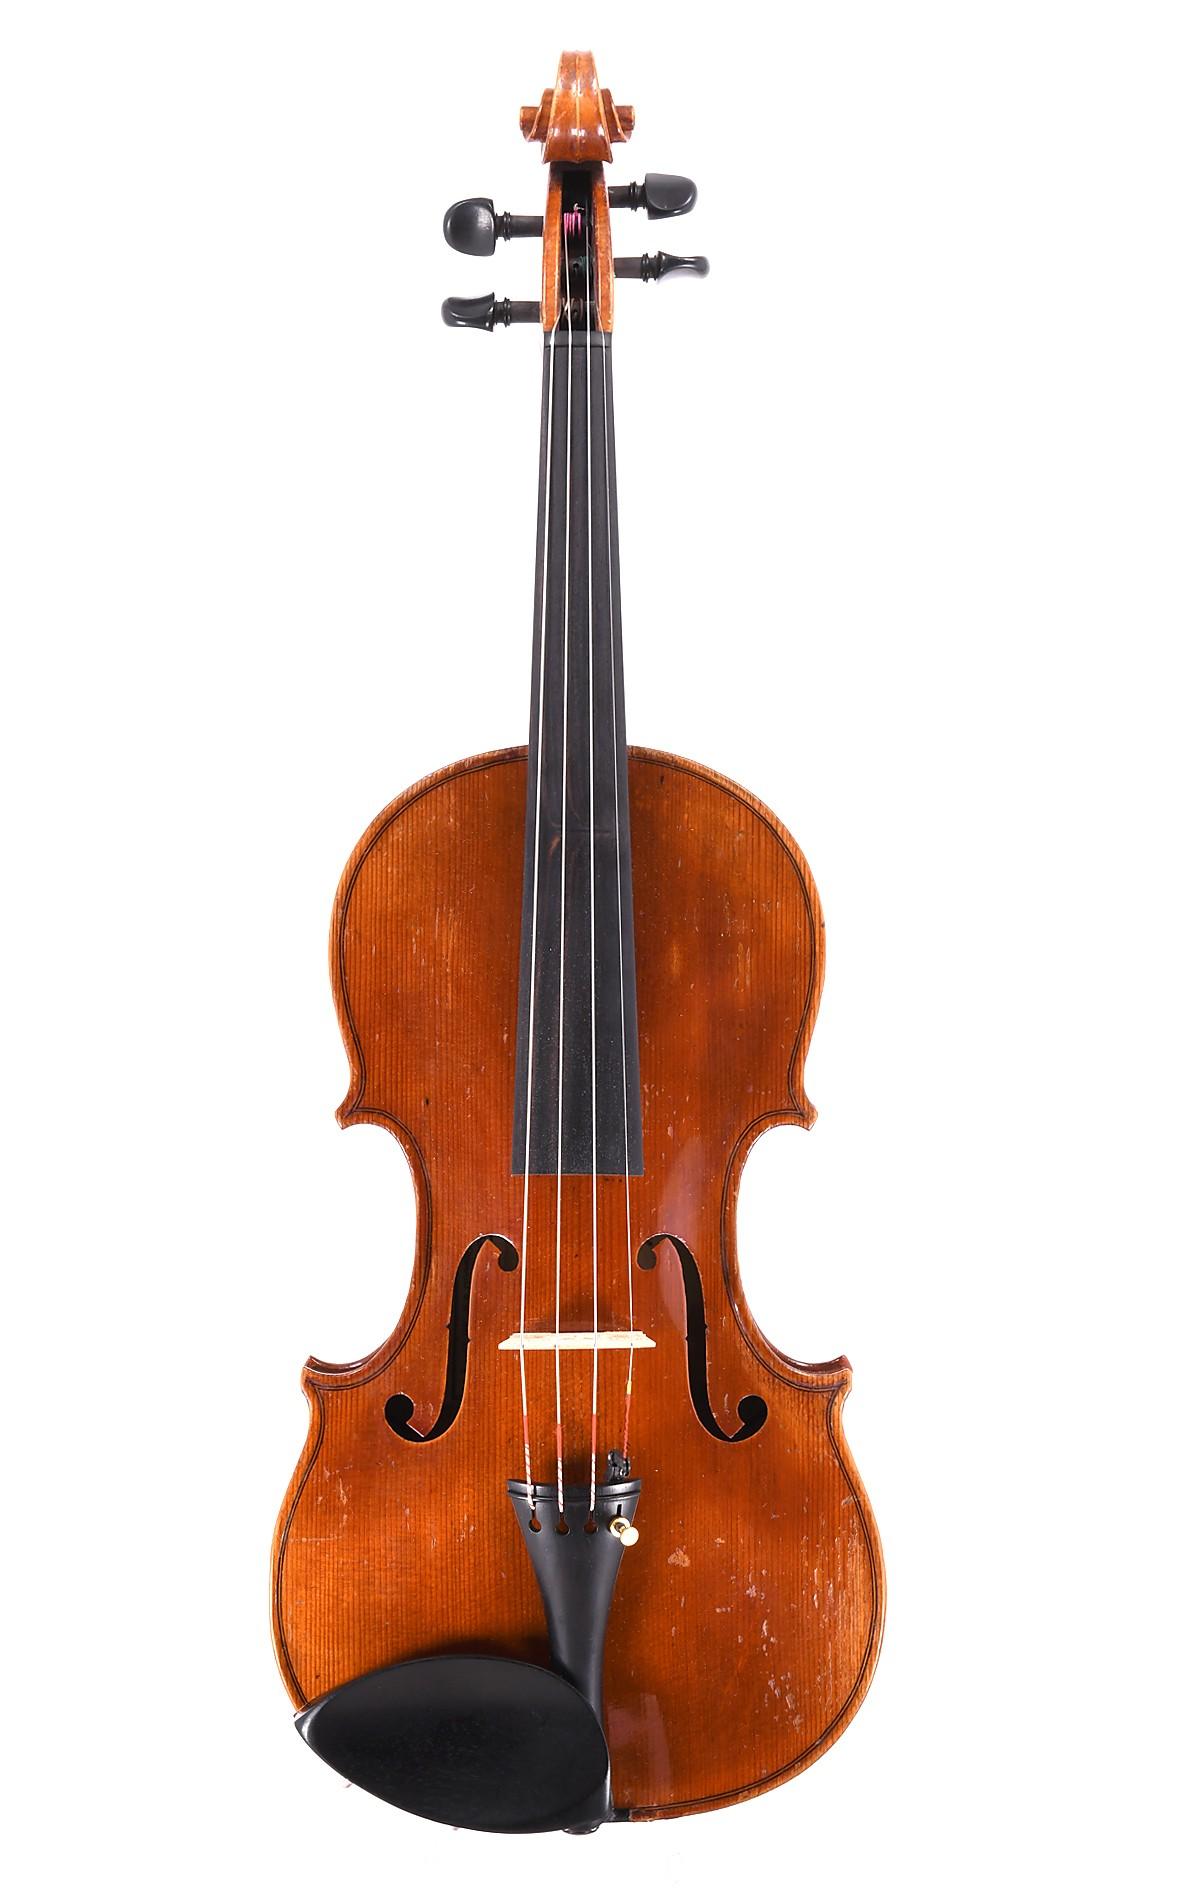 Geige von Johann Reiter / Nachf. Erich Sander, Mittenwald